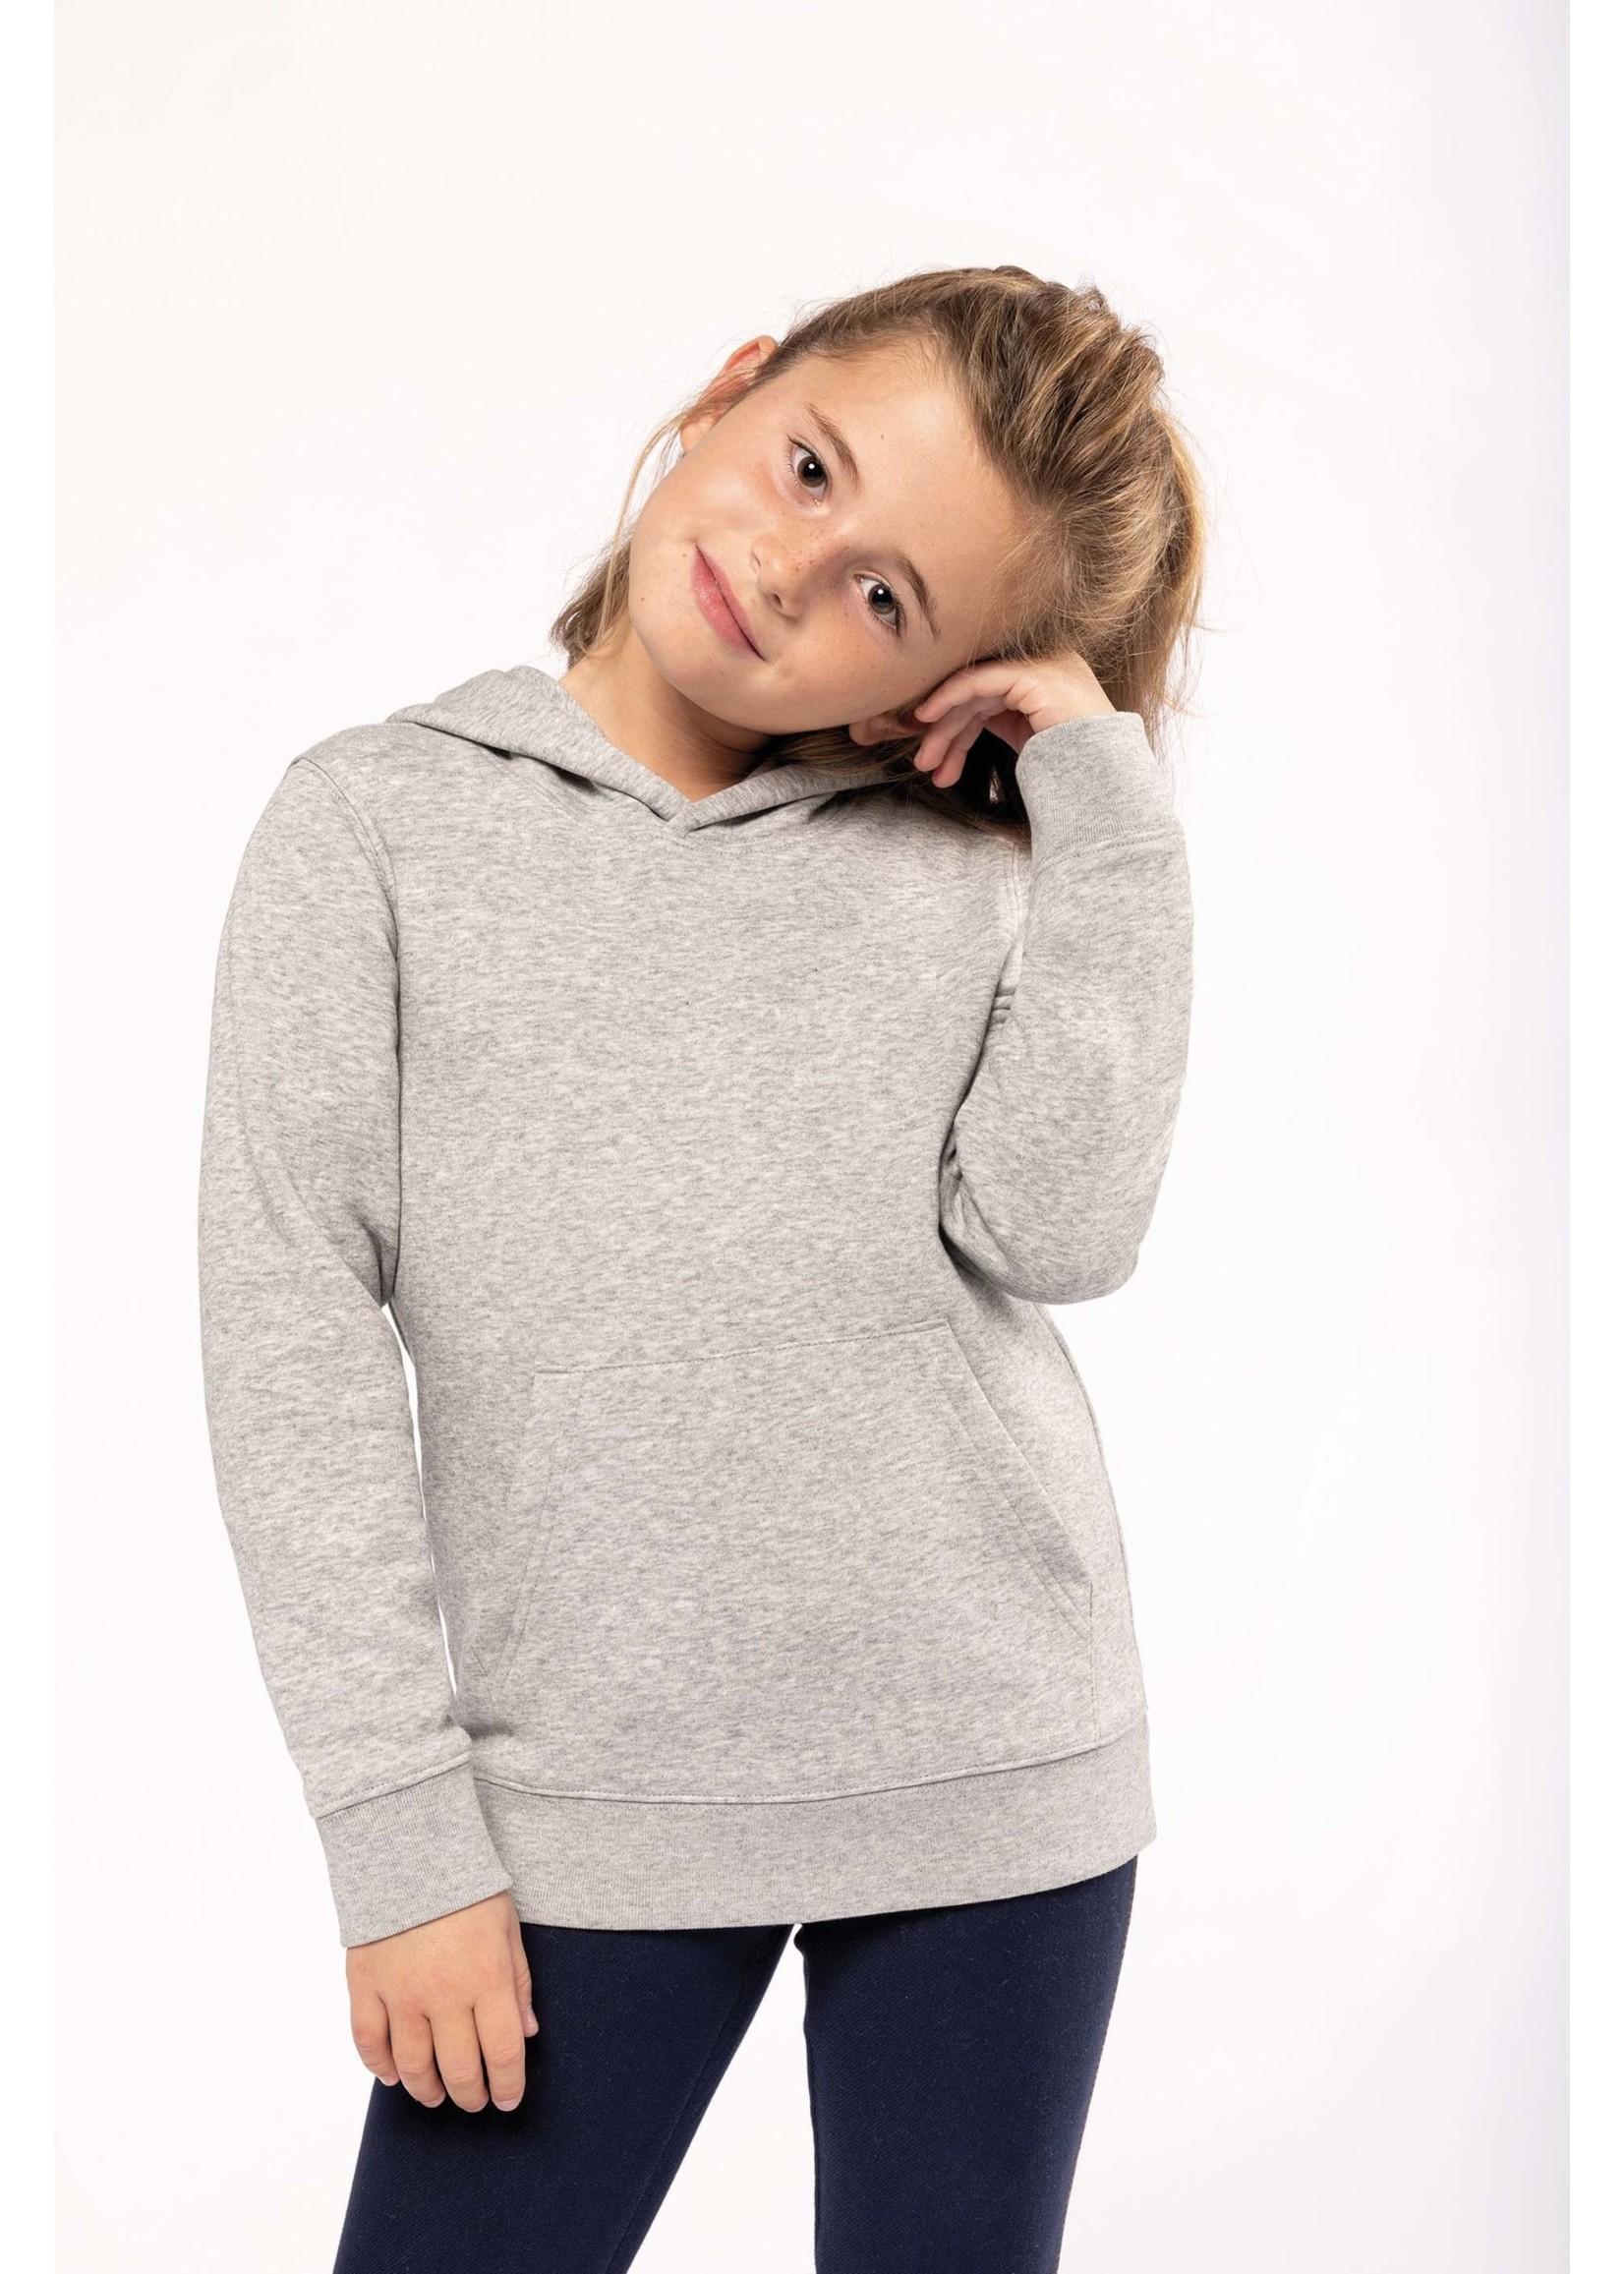 Eco-Friendly hoodie Kids Sage